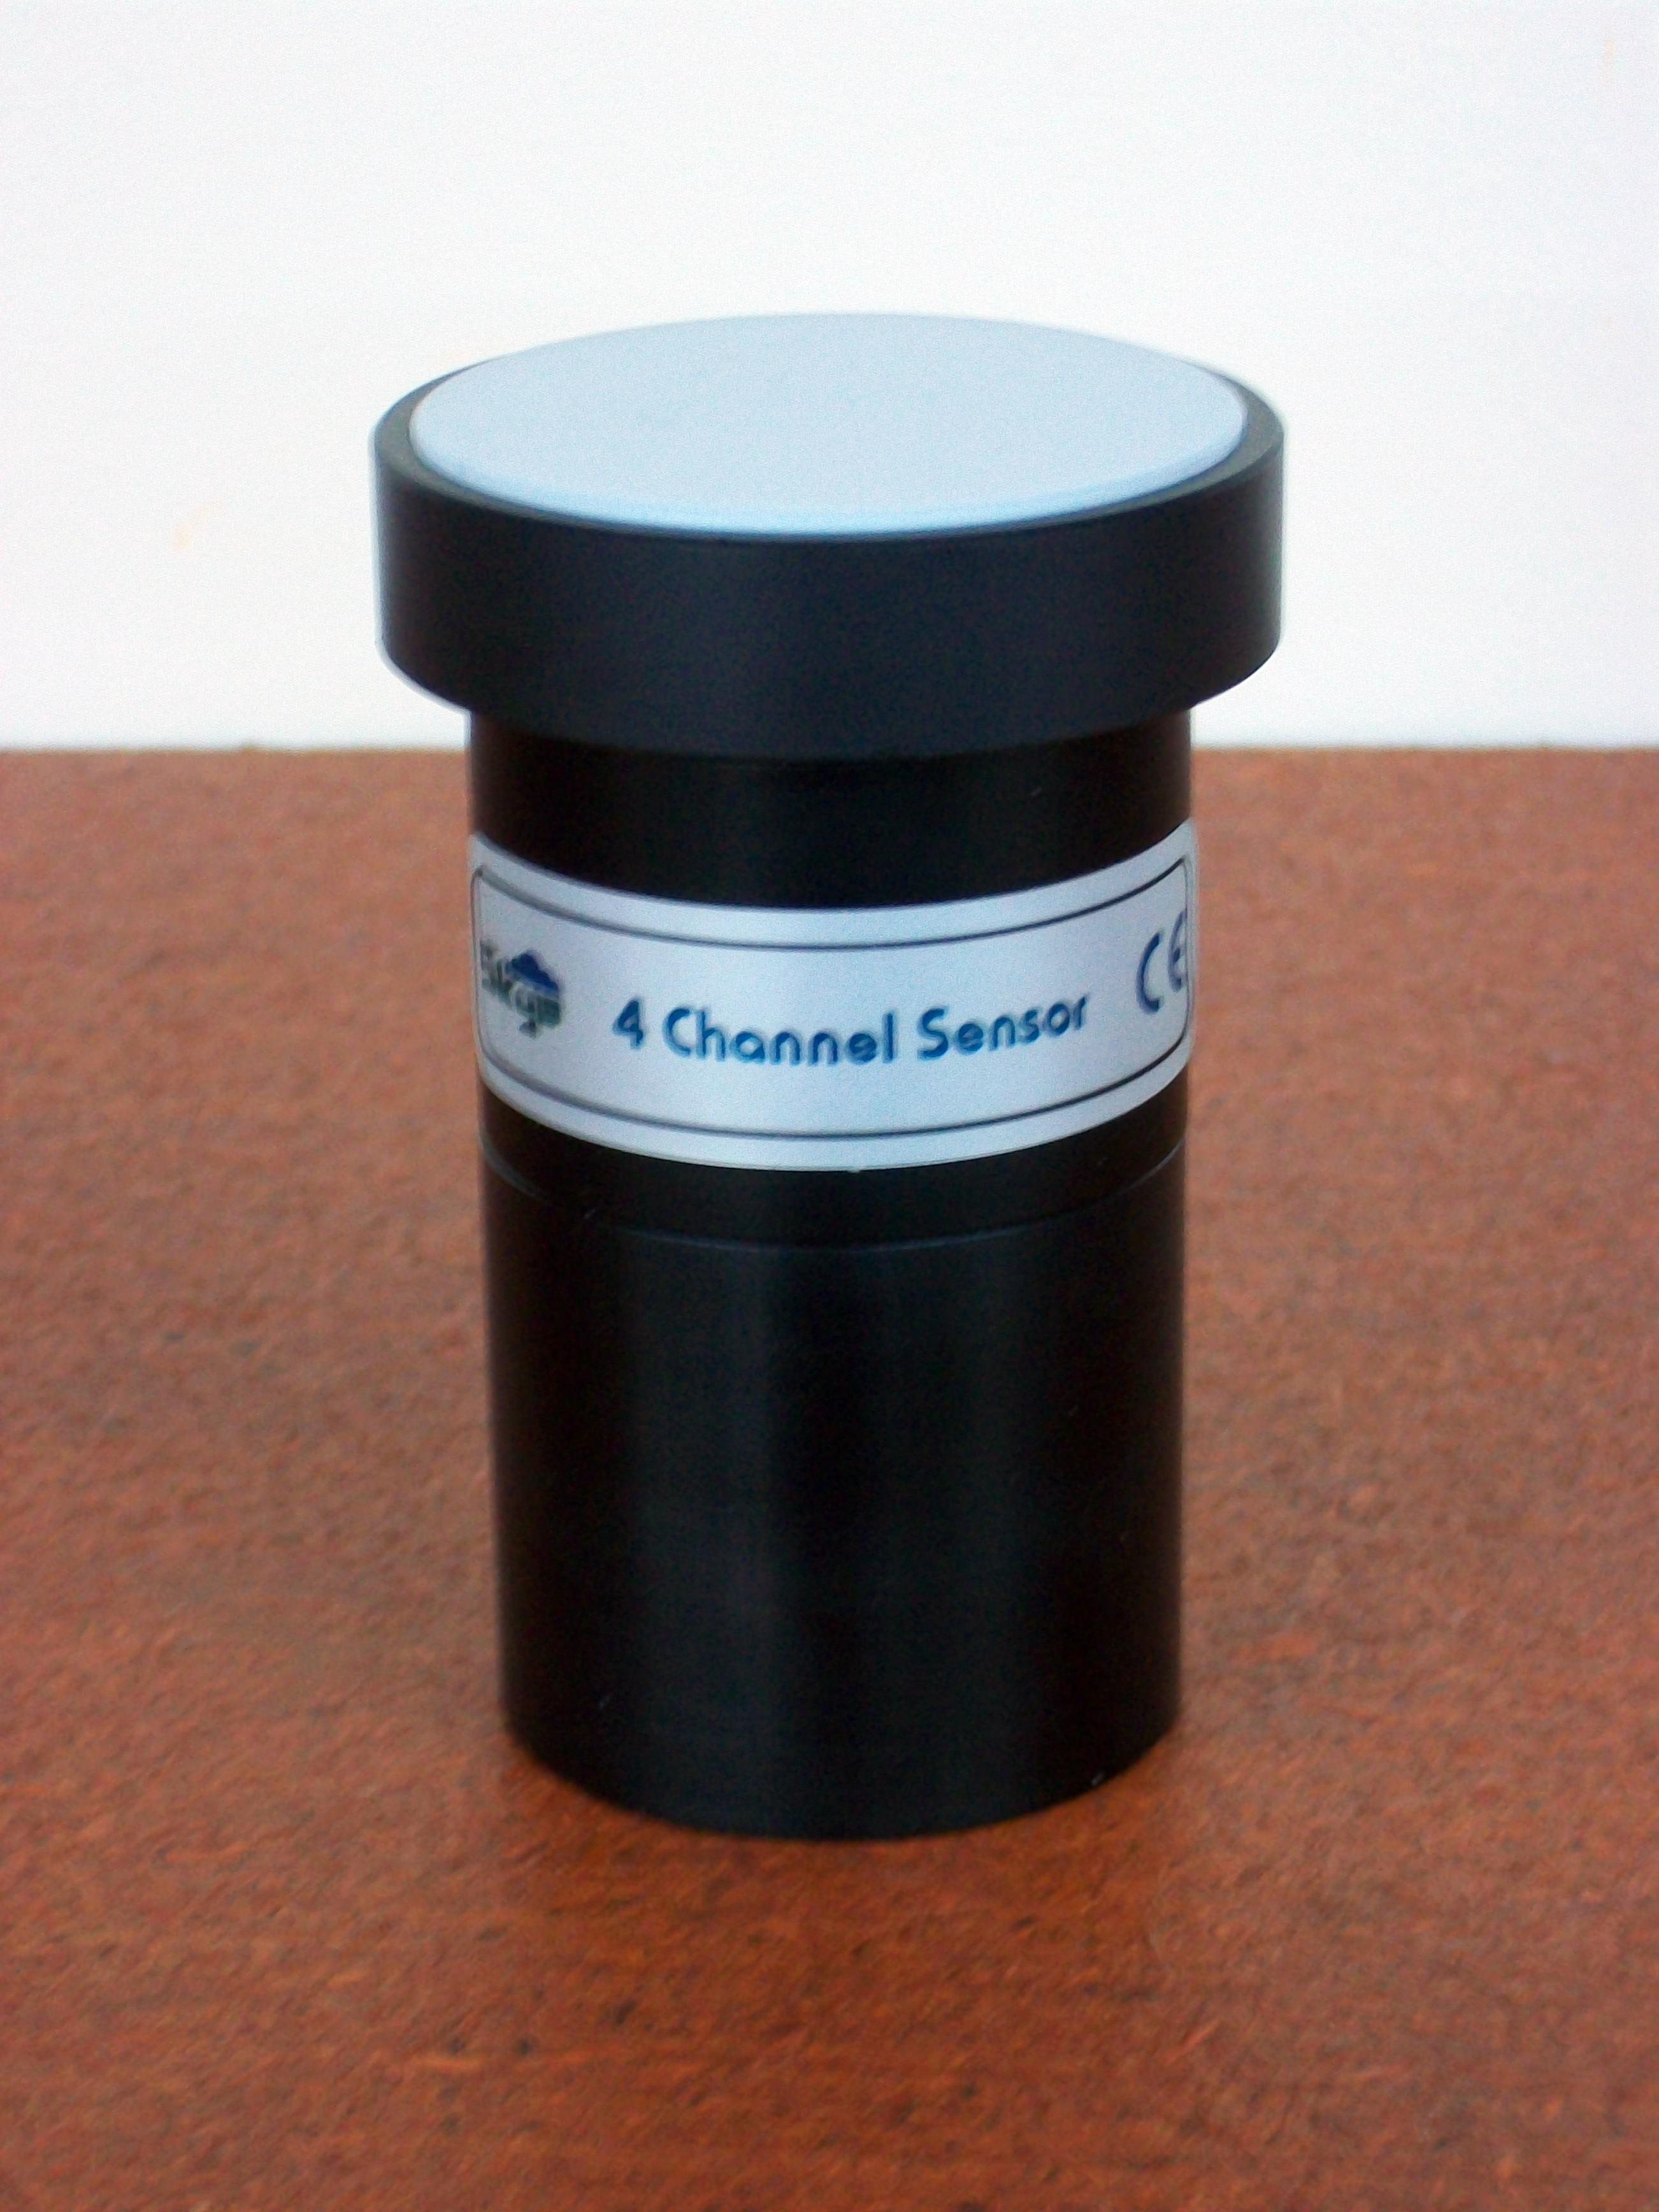 4 Channel sensor from Skye Instruments